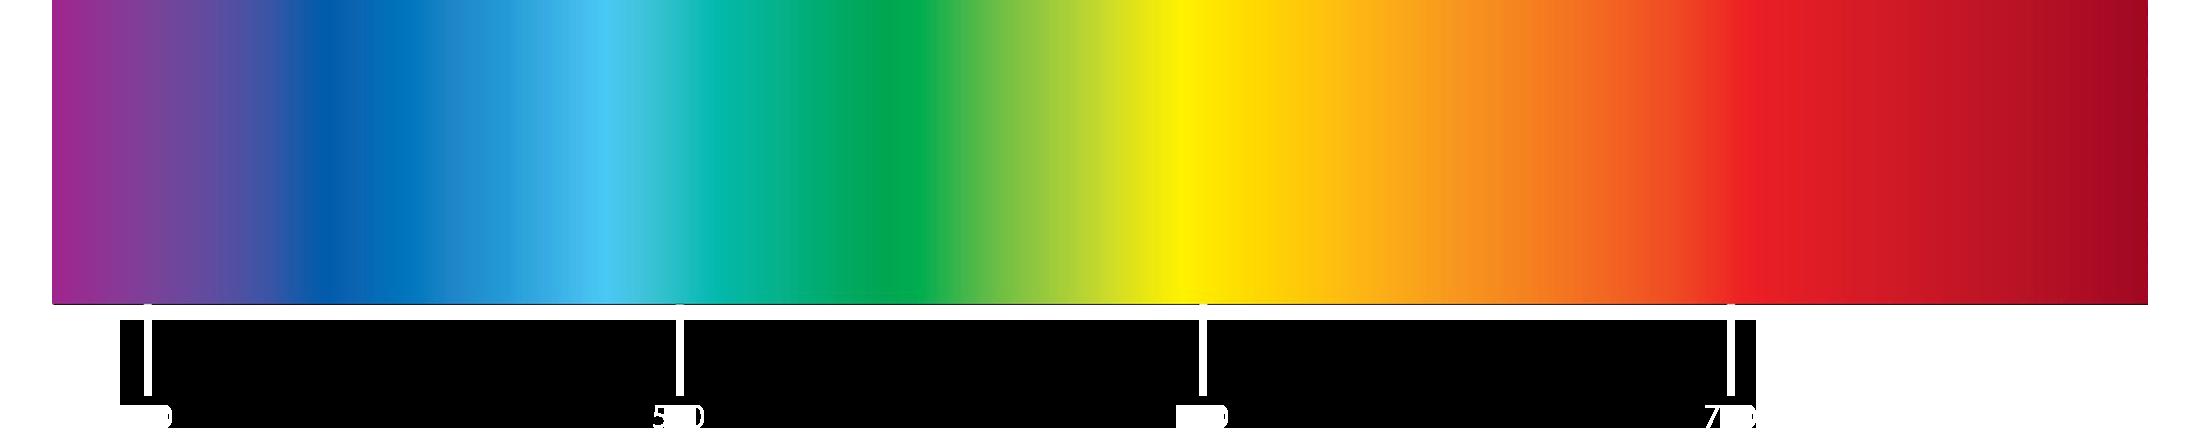 Het kleurenspectrum